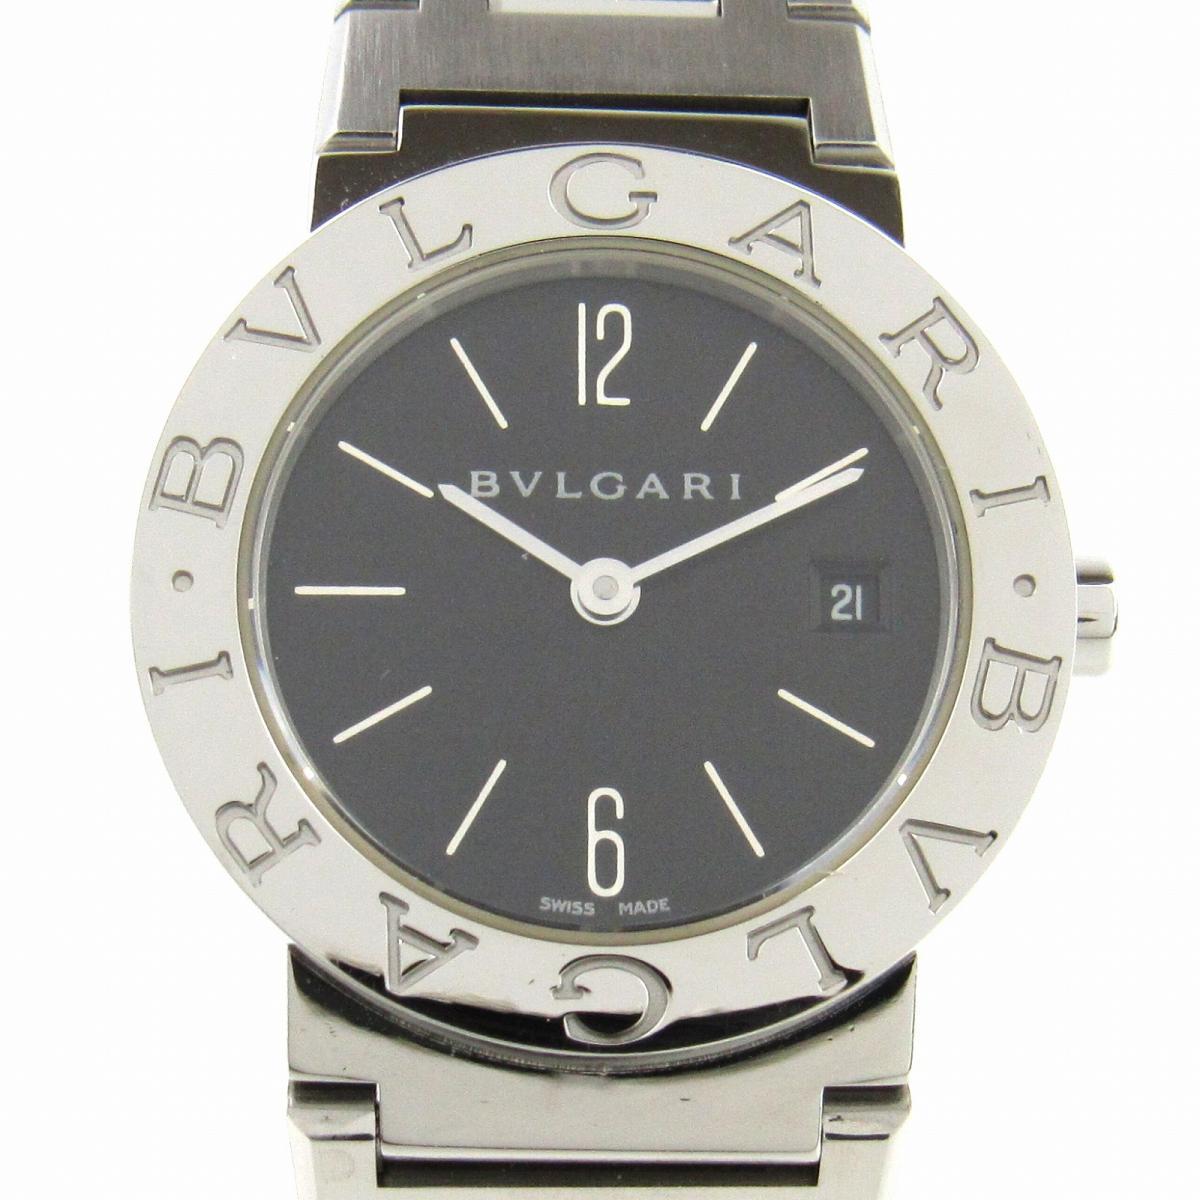 【中古】 ブルガリ ウォッチ 腕時計 レディース ステンレススチール (SS) (BB26SS) | BVLGARI クオーツ クォーツ 時計 ブルガリ ブルガリ 美品 ブランドオフ